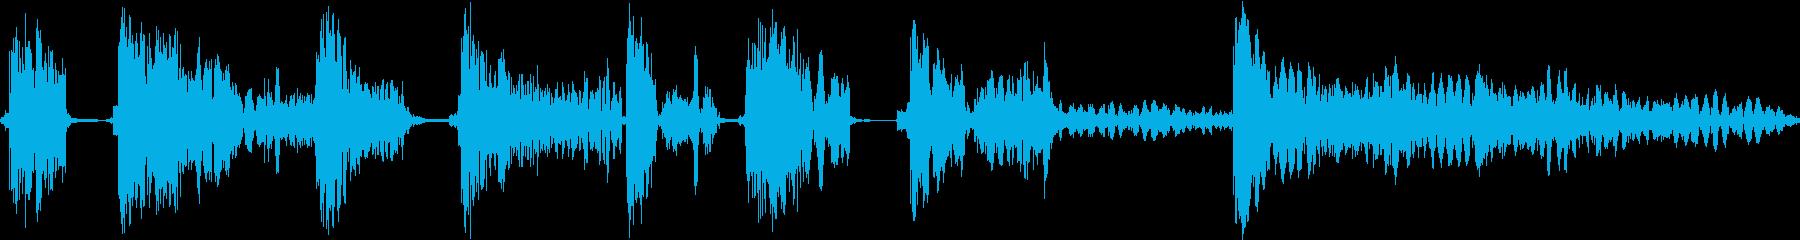 ヒットヒットインパクト11の再生済みの波形